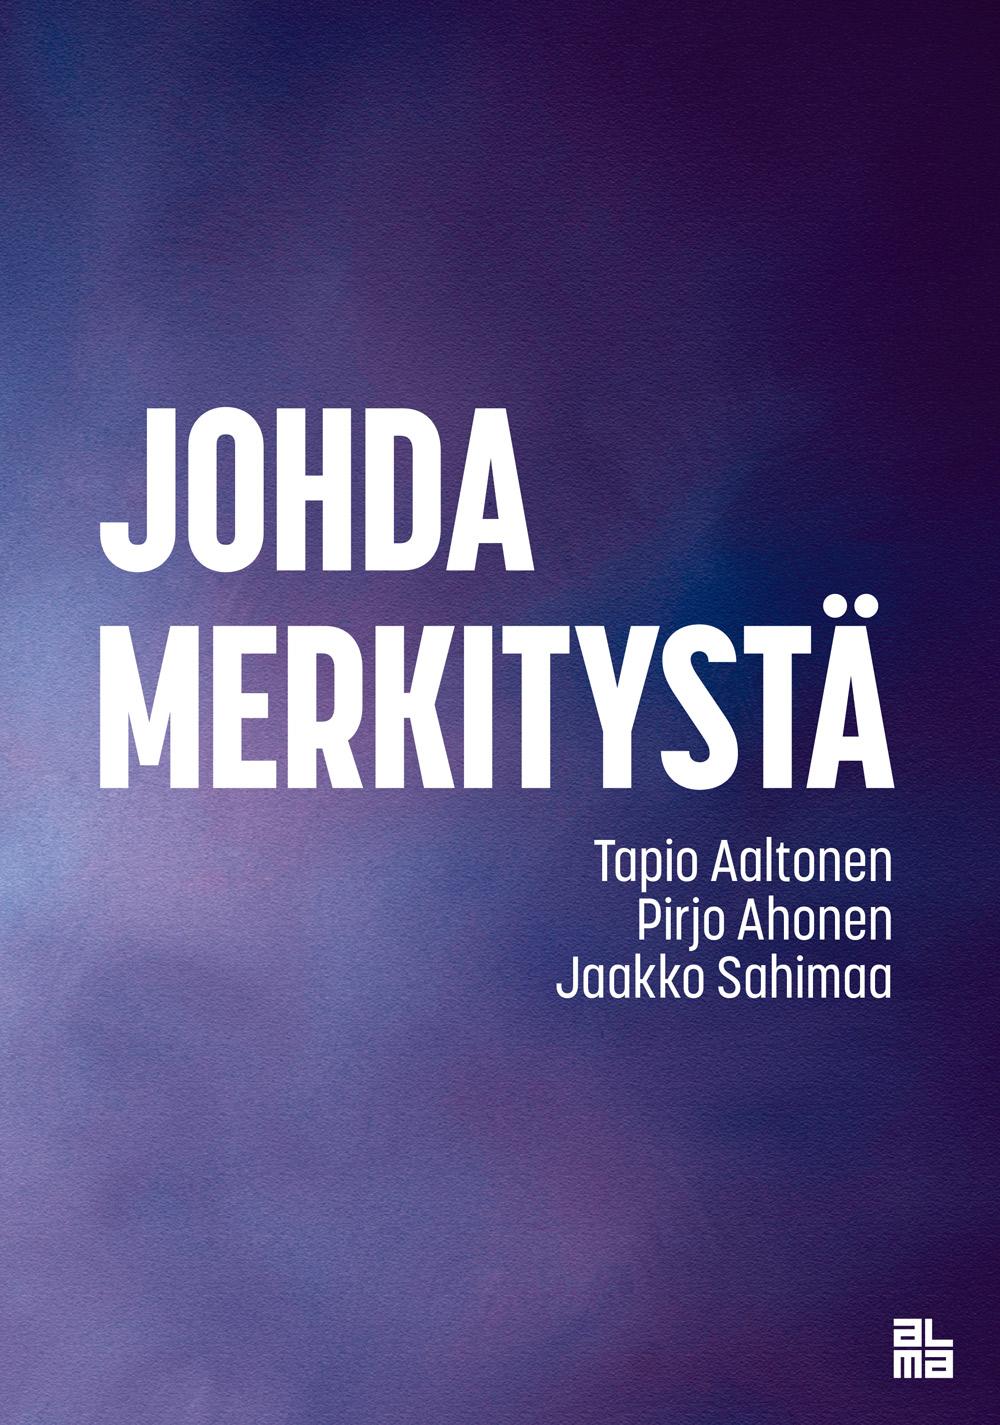 Johda merkitystä -kirja valittiin Suomen top 3 -bisneskirjojen joukkoon!